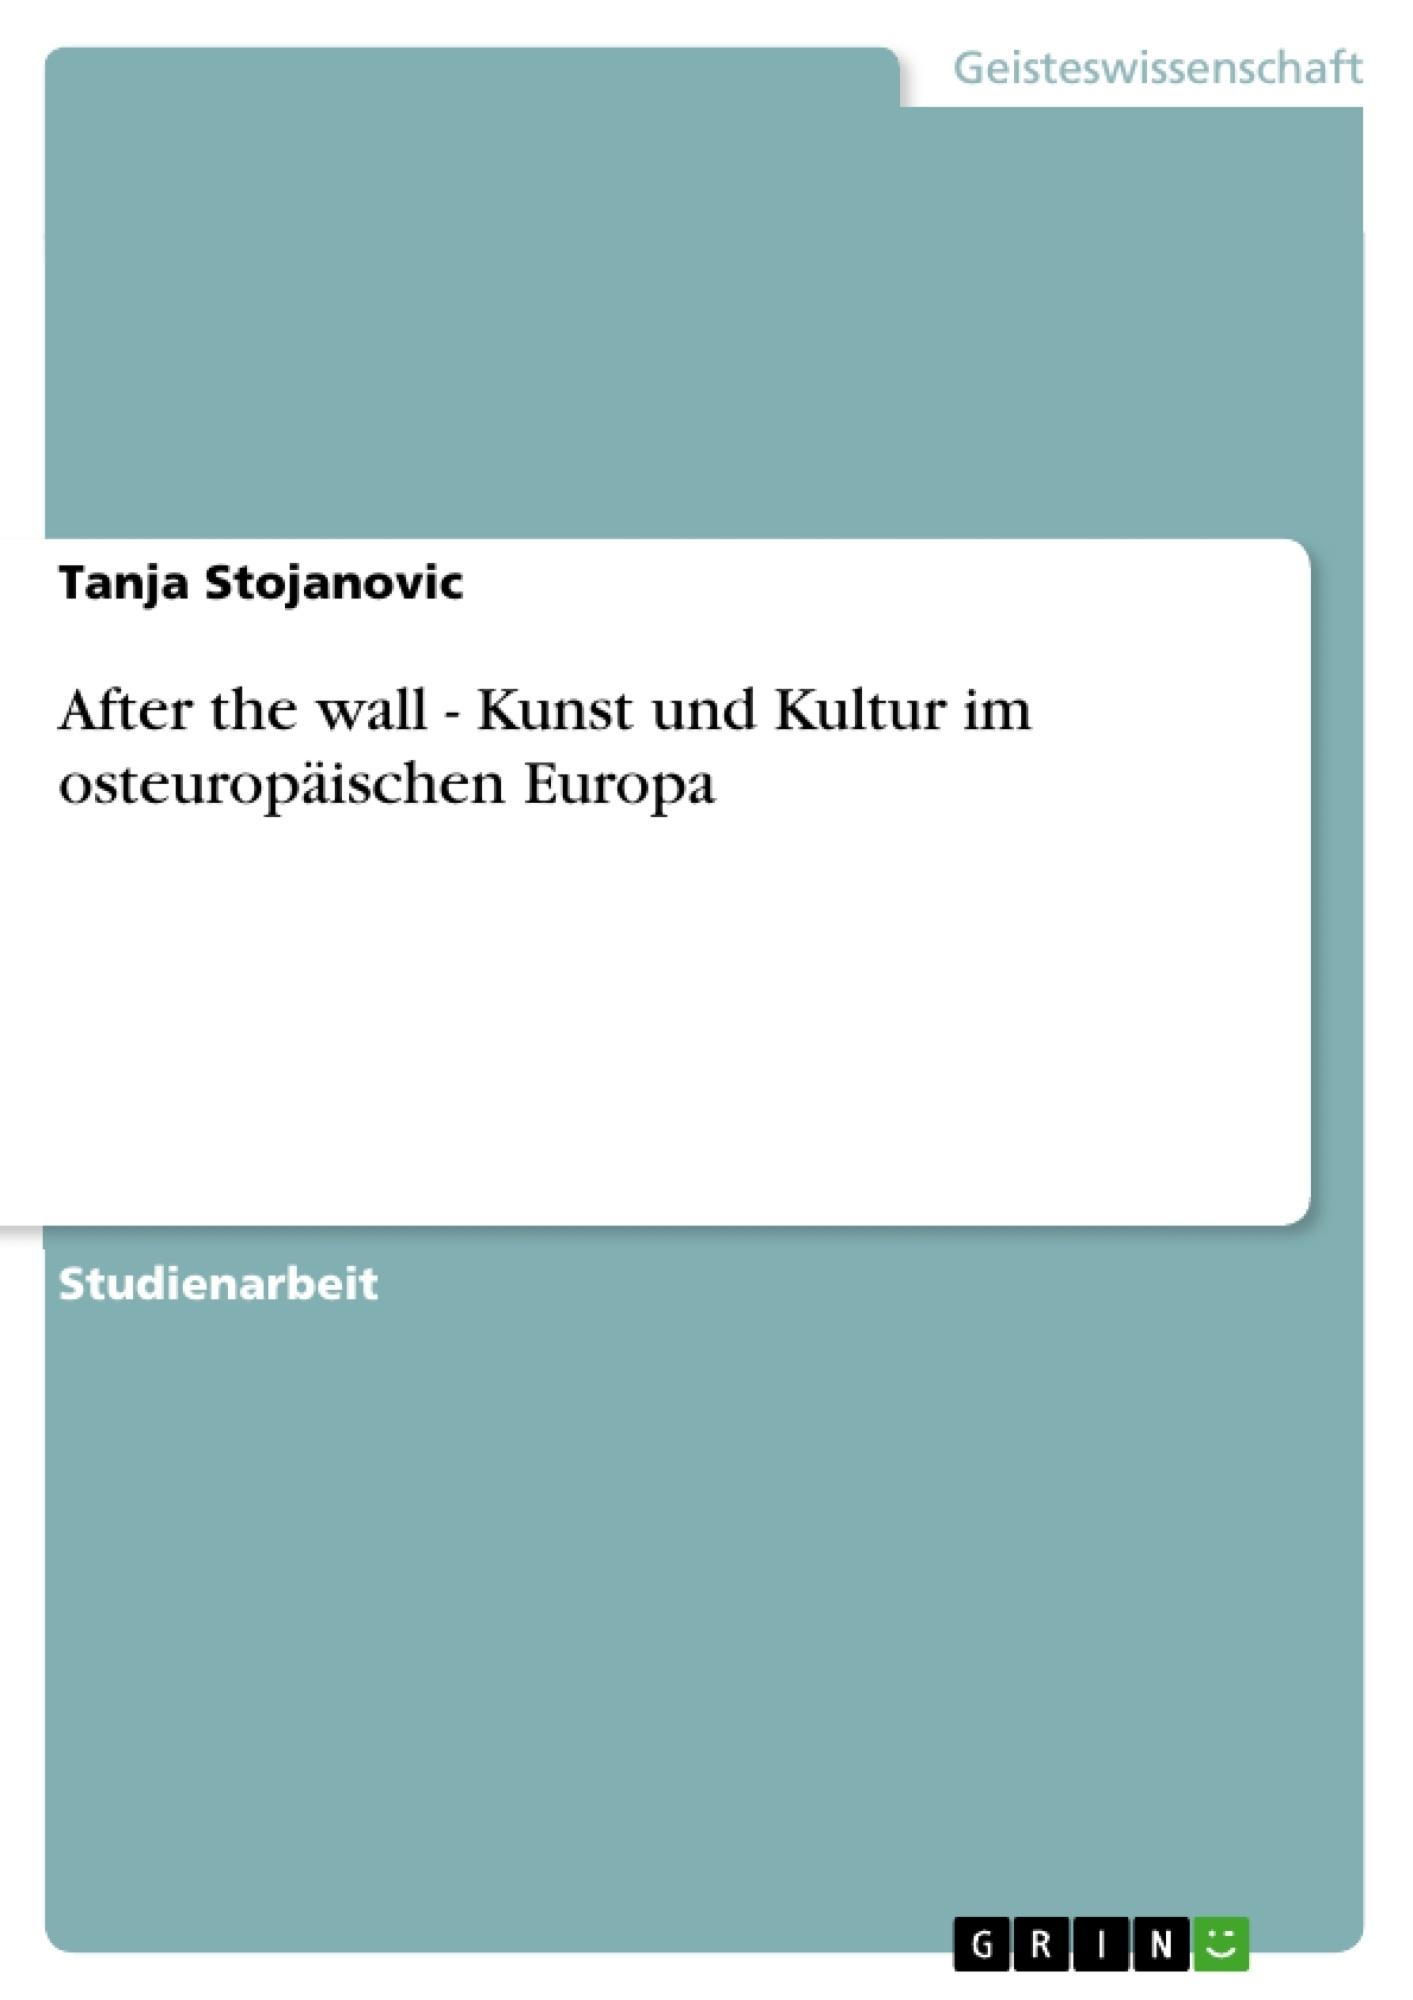 Titel: After the wall - Kunst und Kultur im osteuropäischen Europa